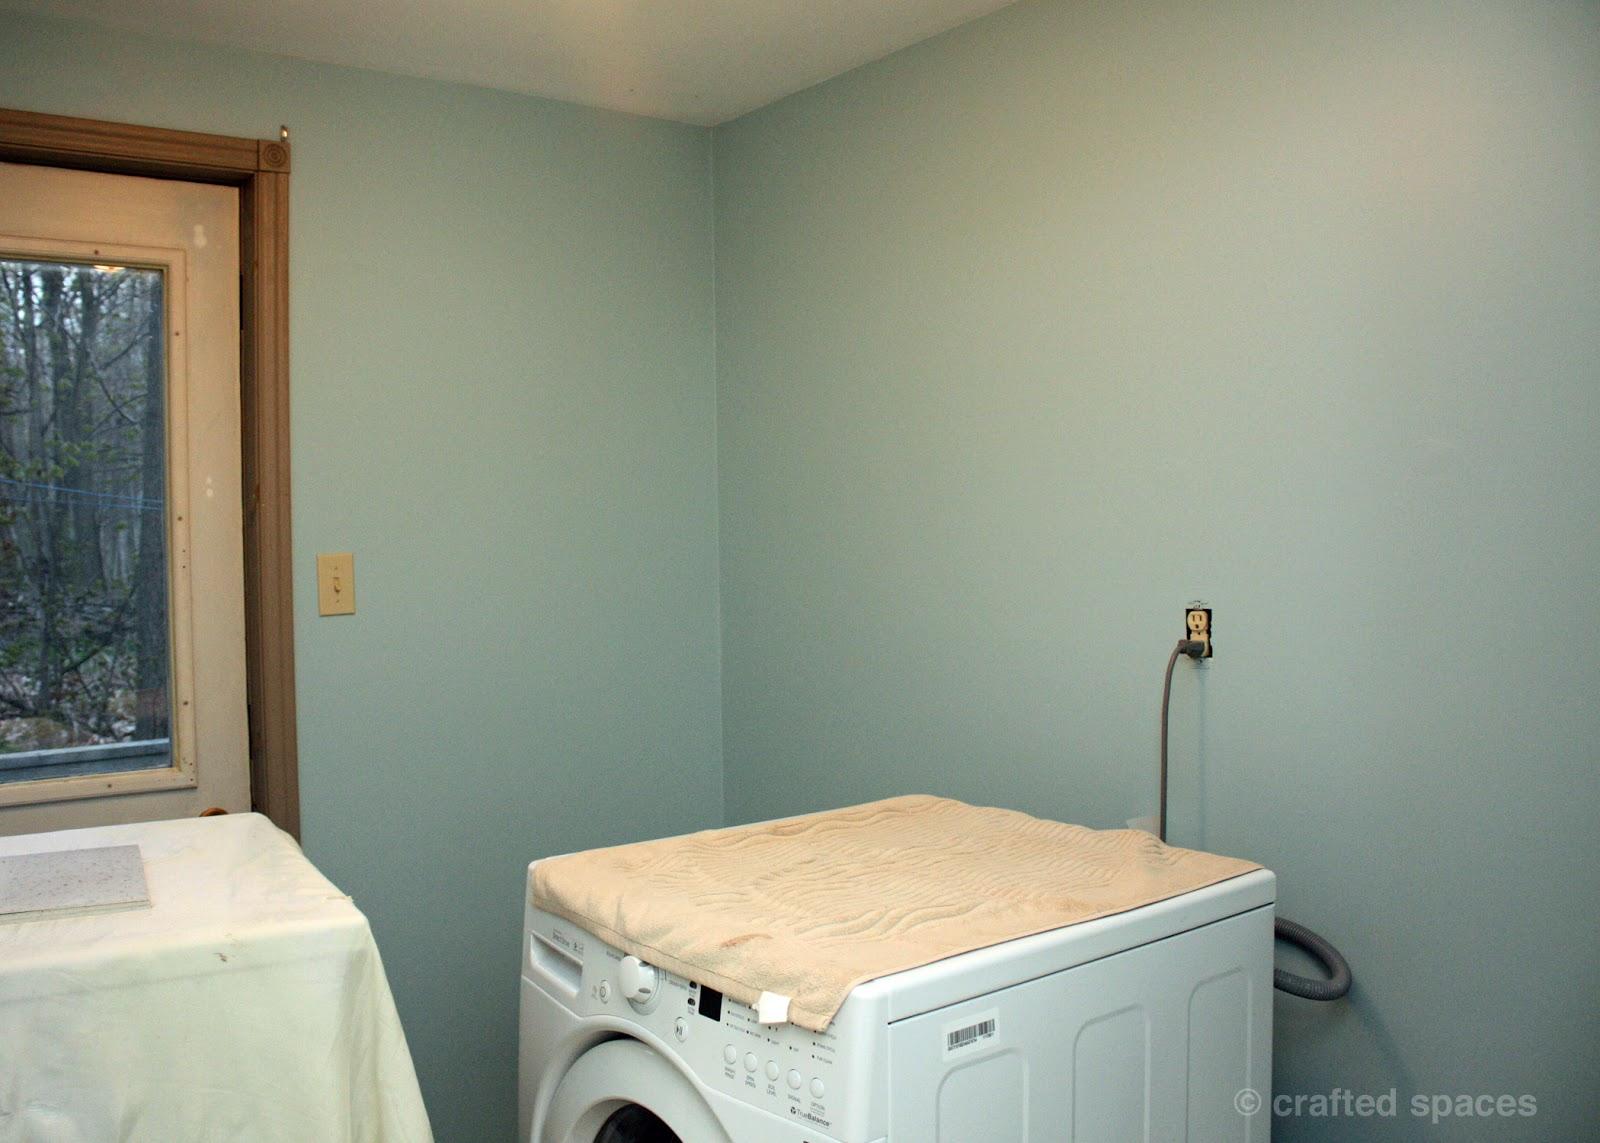 http://1.bp.blogspot.com/-gq-L_C2nAbI/UHv6ji6STfI/AAAAAAAABRw/d0psvX22mHc/s1600/laundry-room-wall2.jpg